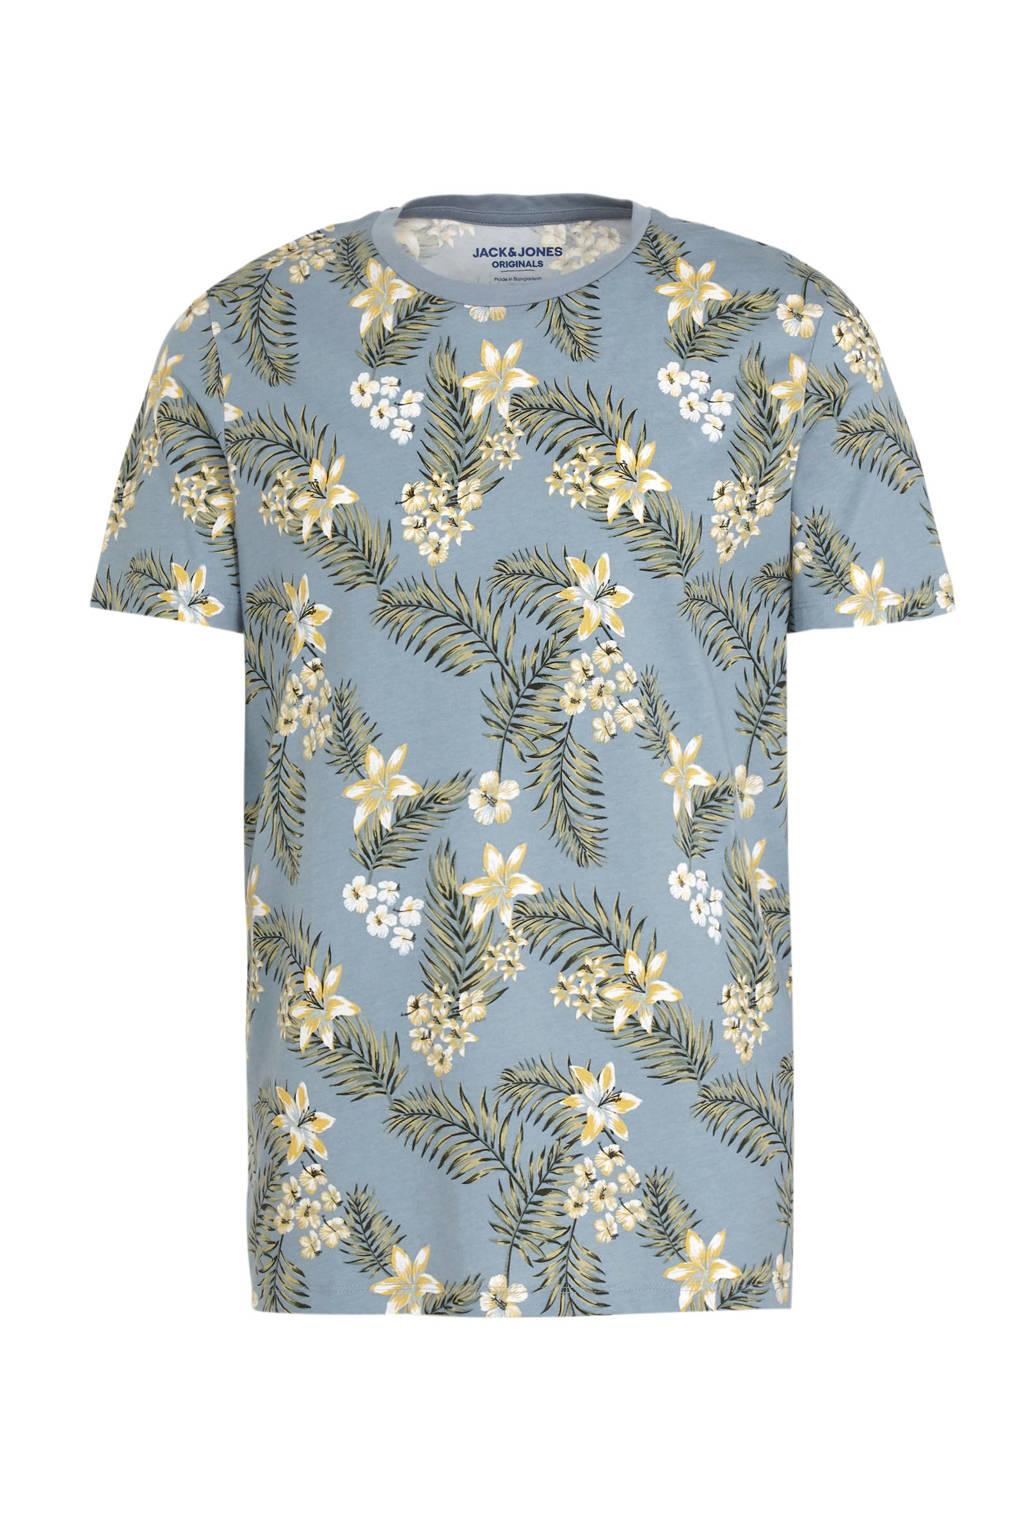 JACK & JONES ORIGINALS T-shirt met all over print blauw, Blauw